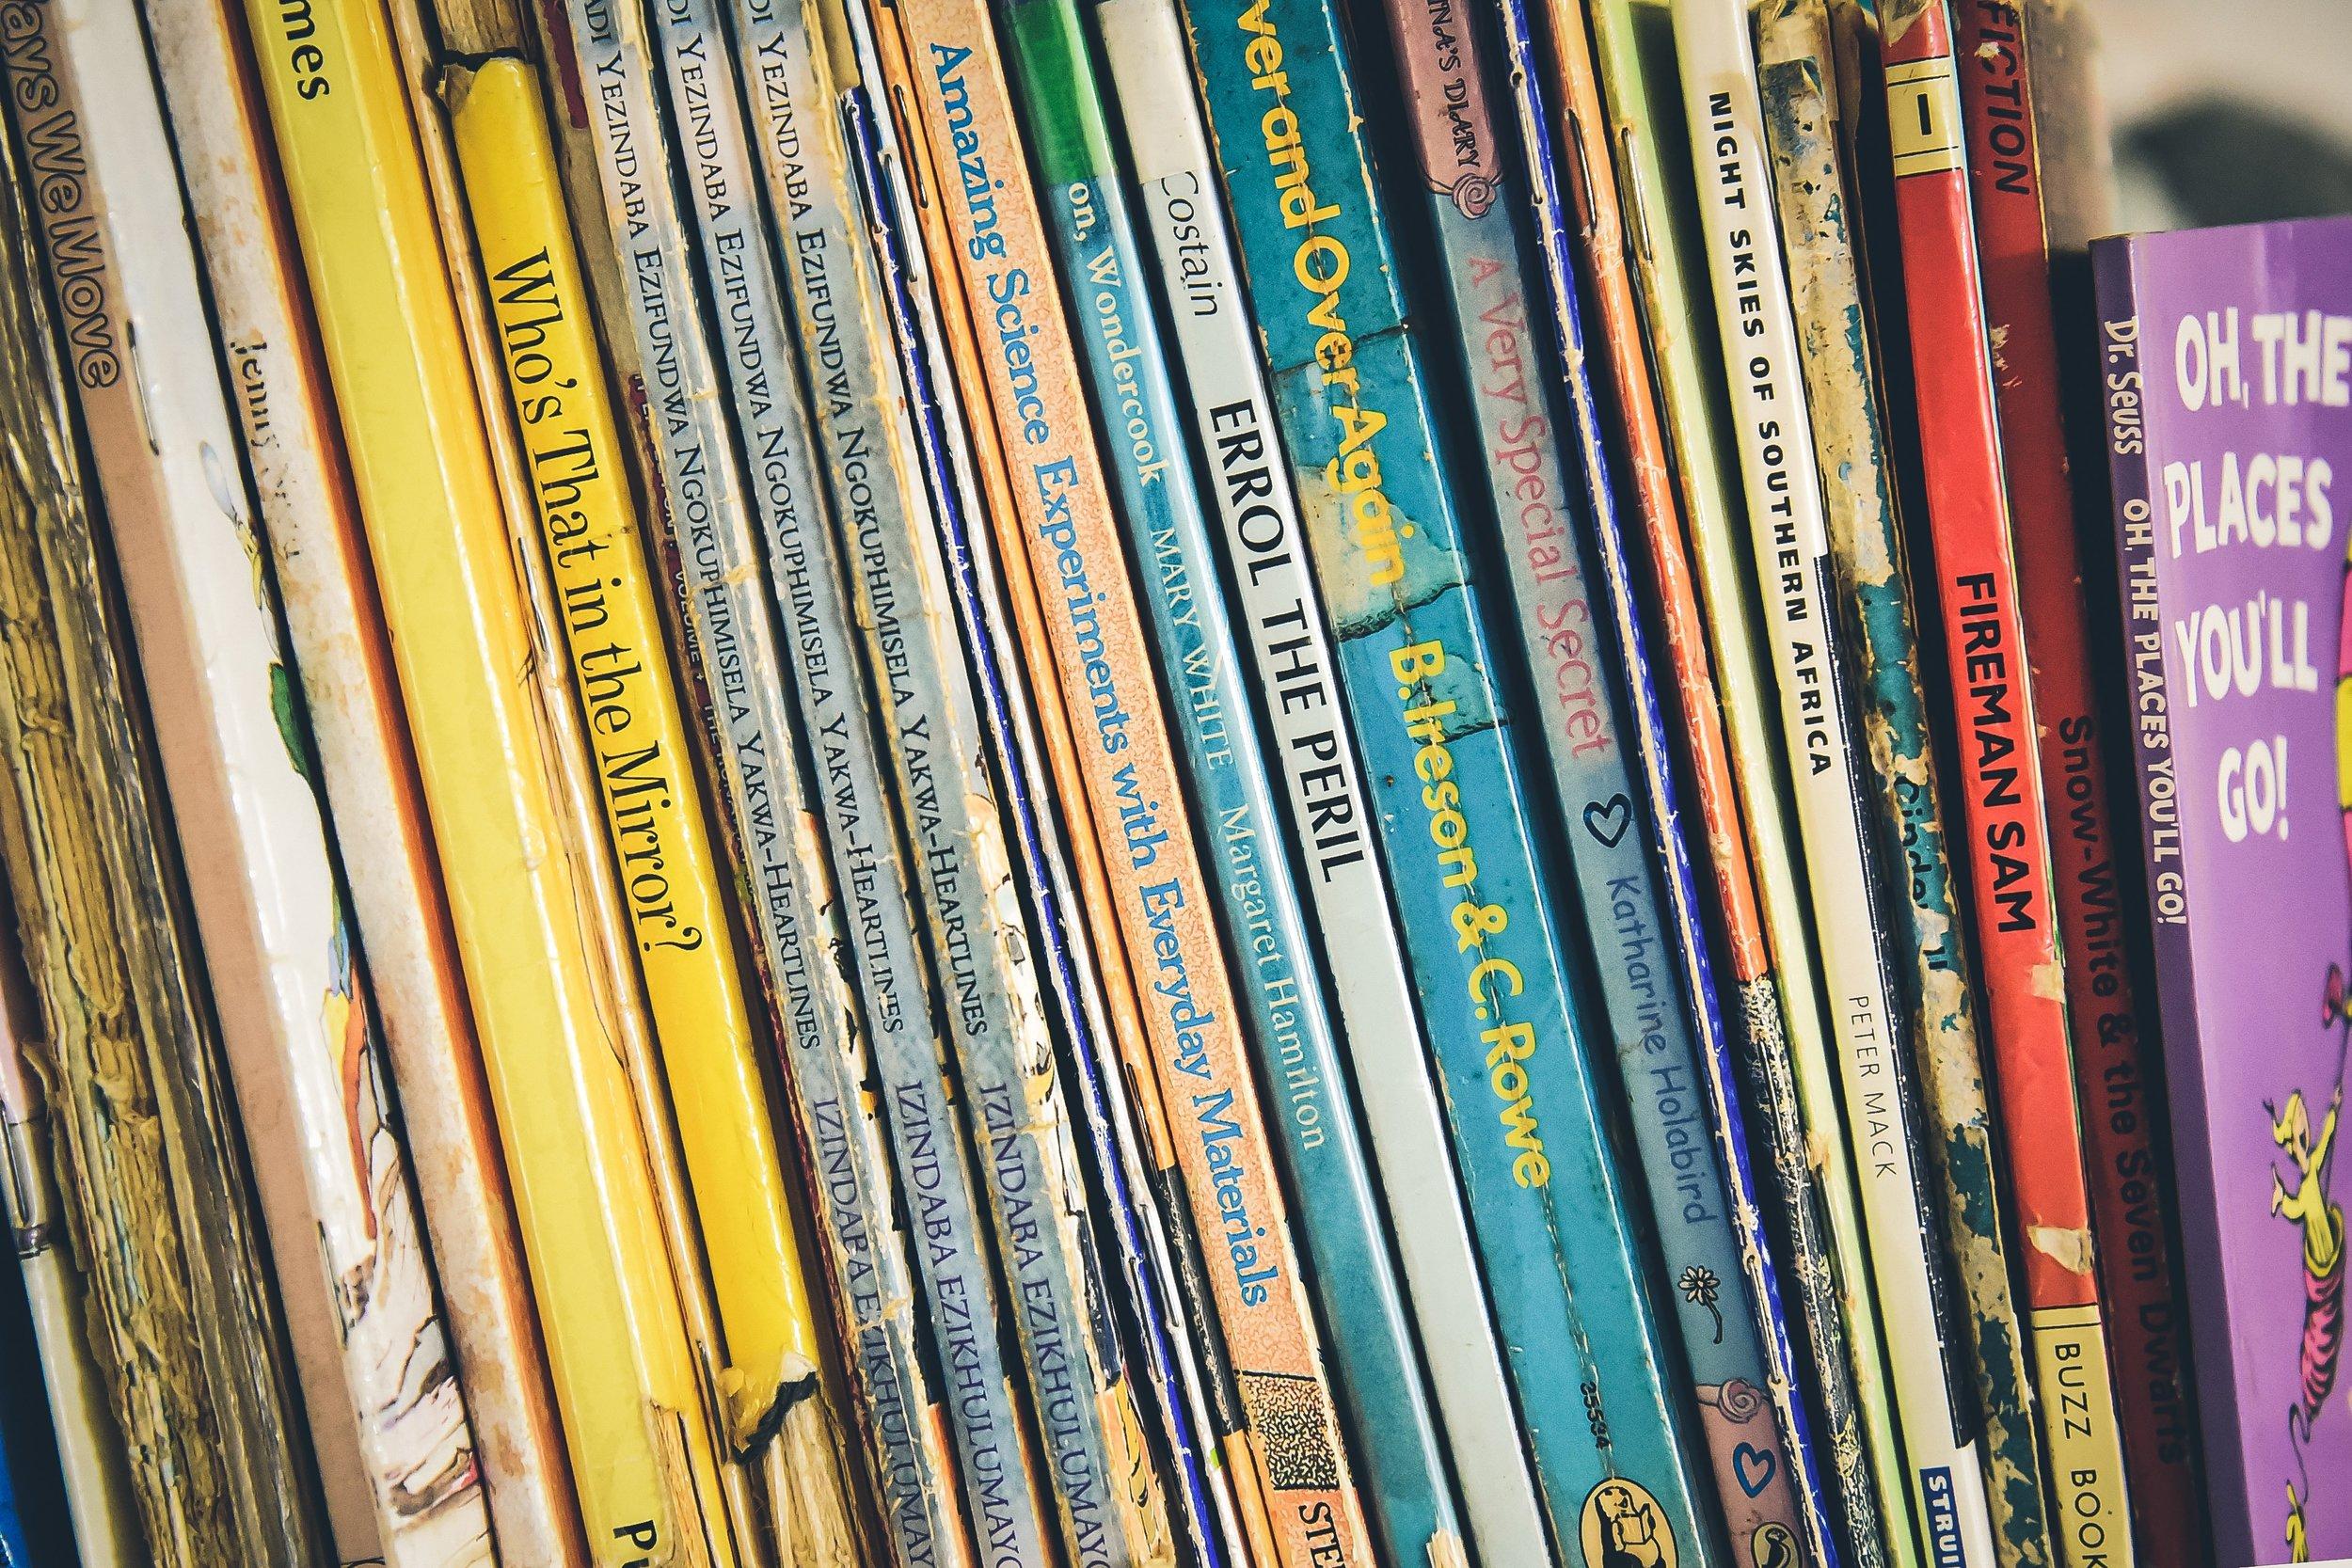 simple-joys-childrens-books.jpeg